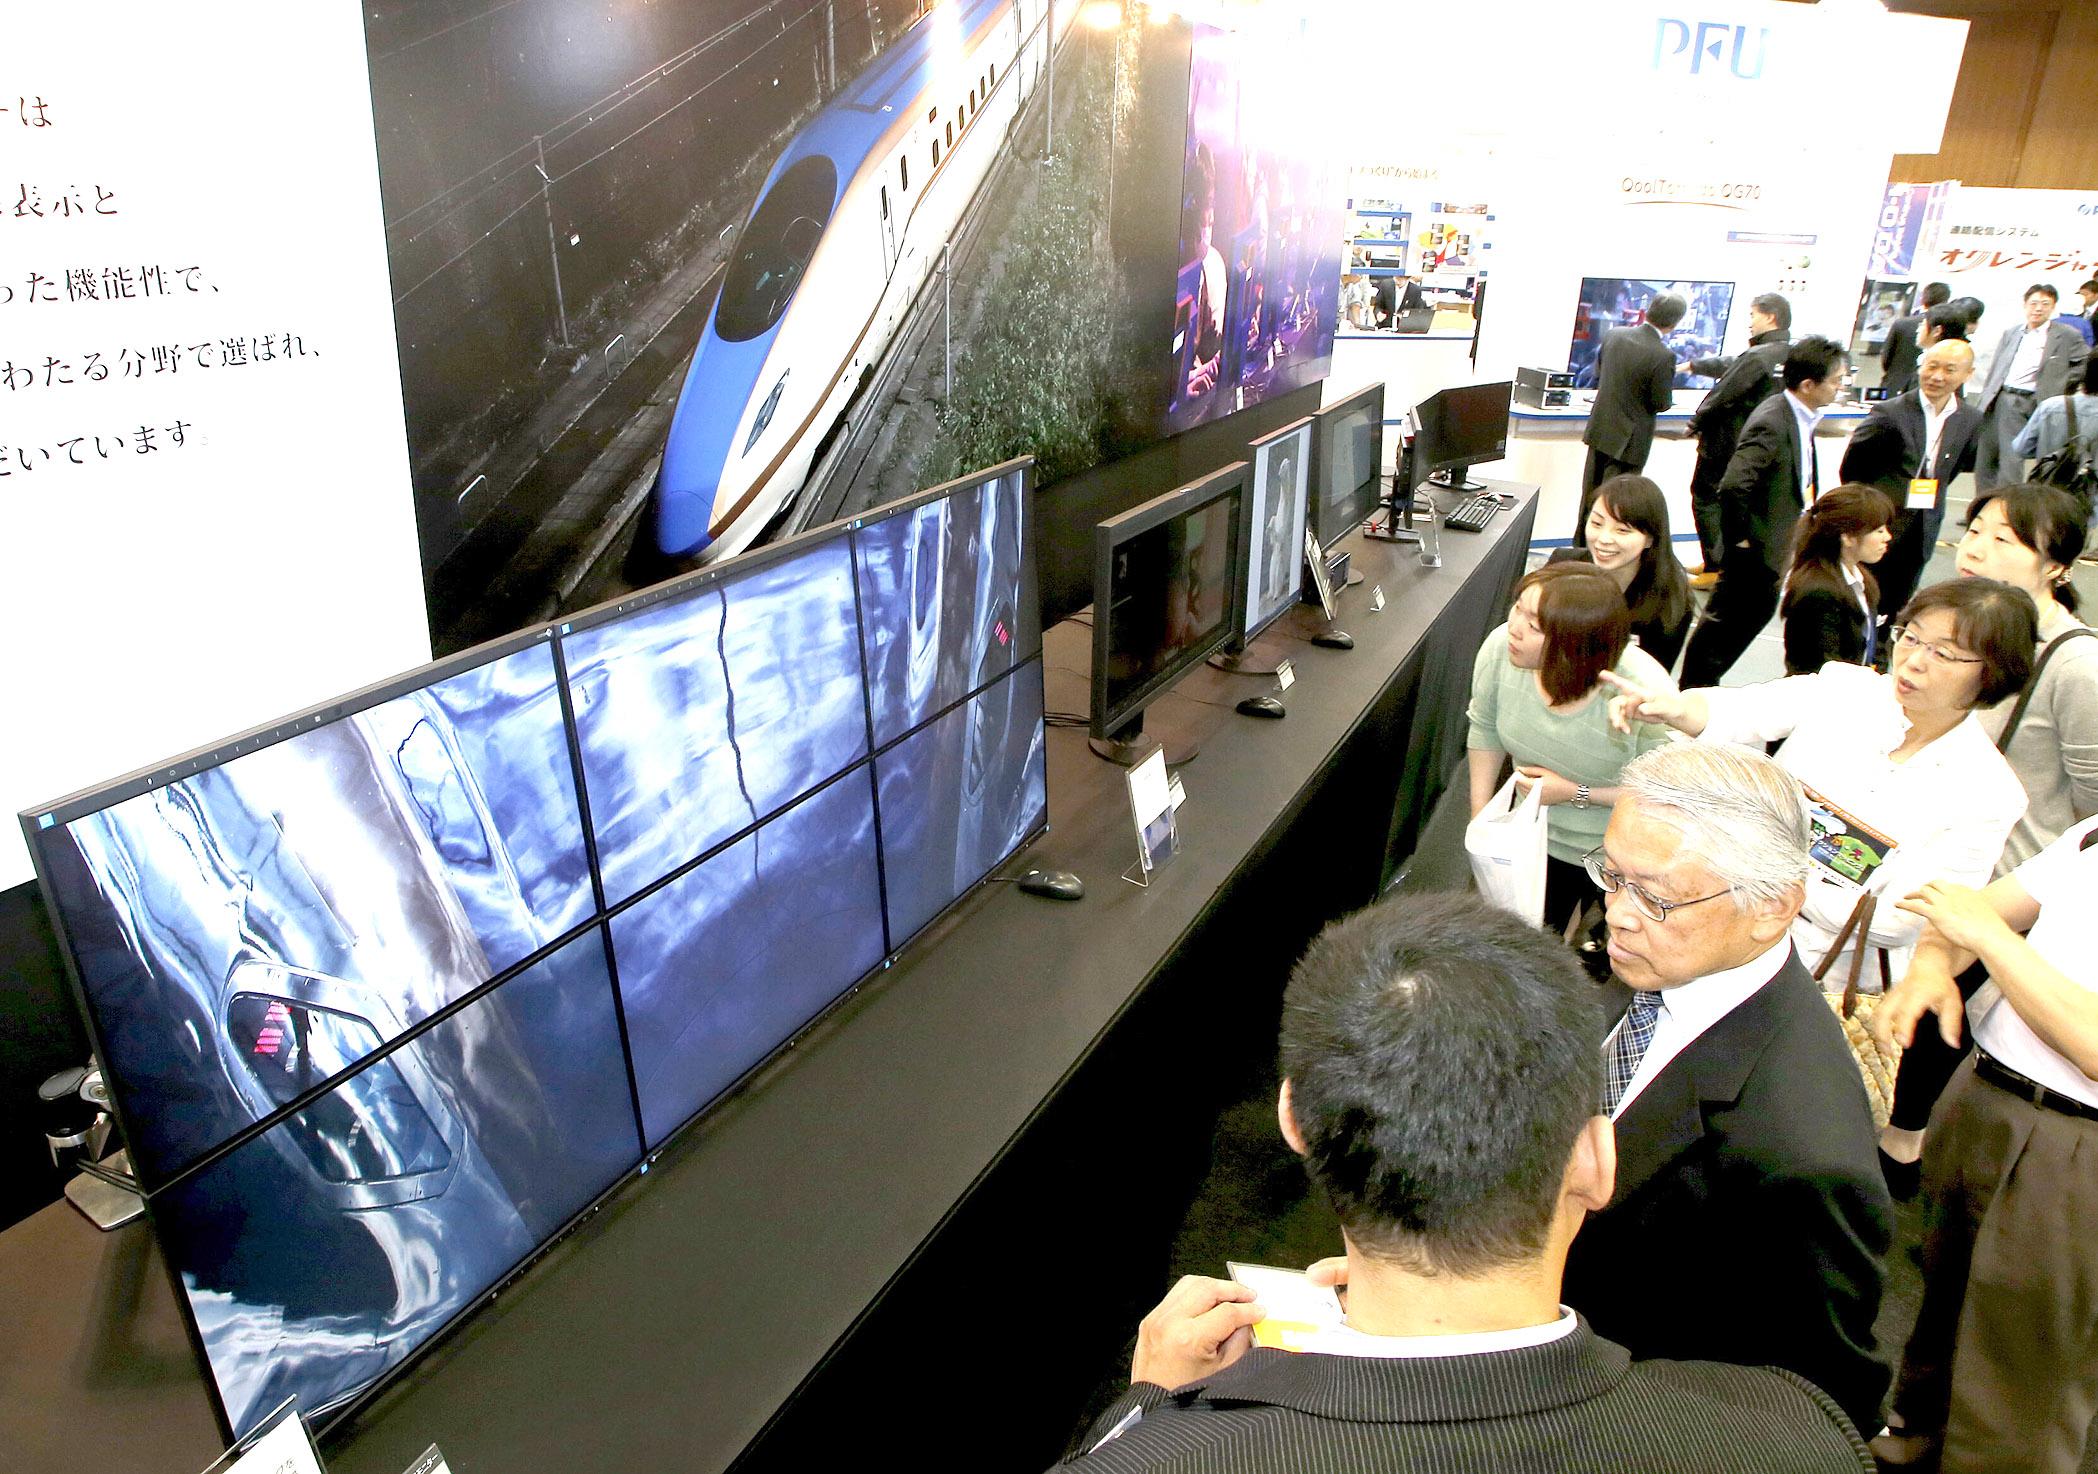 ICTを活用した機器が並んだeメッセの会場=14日午前11時20分、金沢市の石川県産業展示館1号館